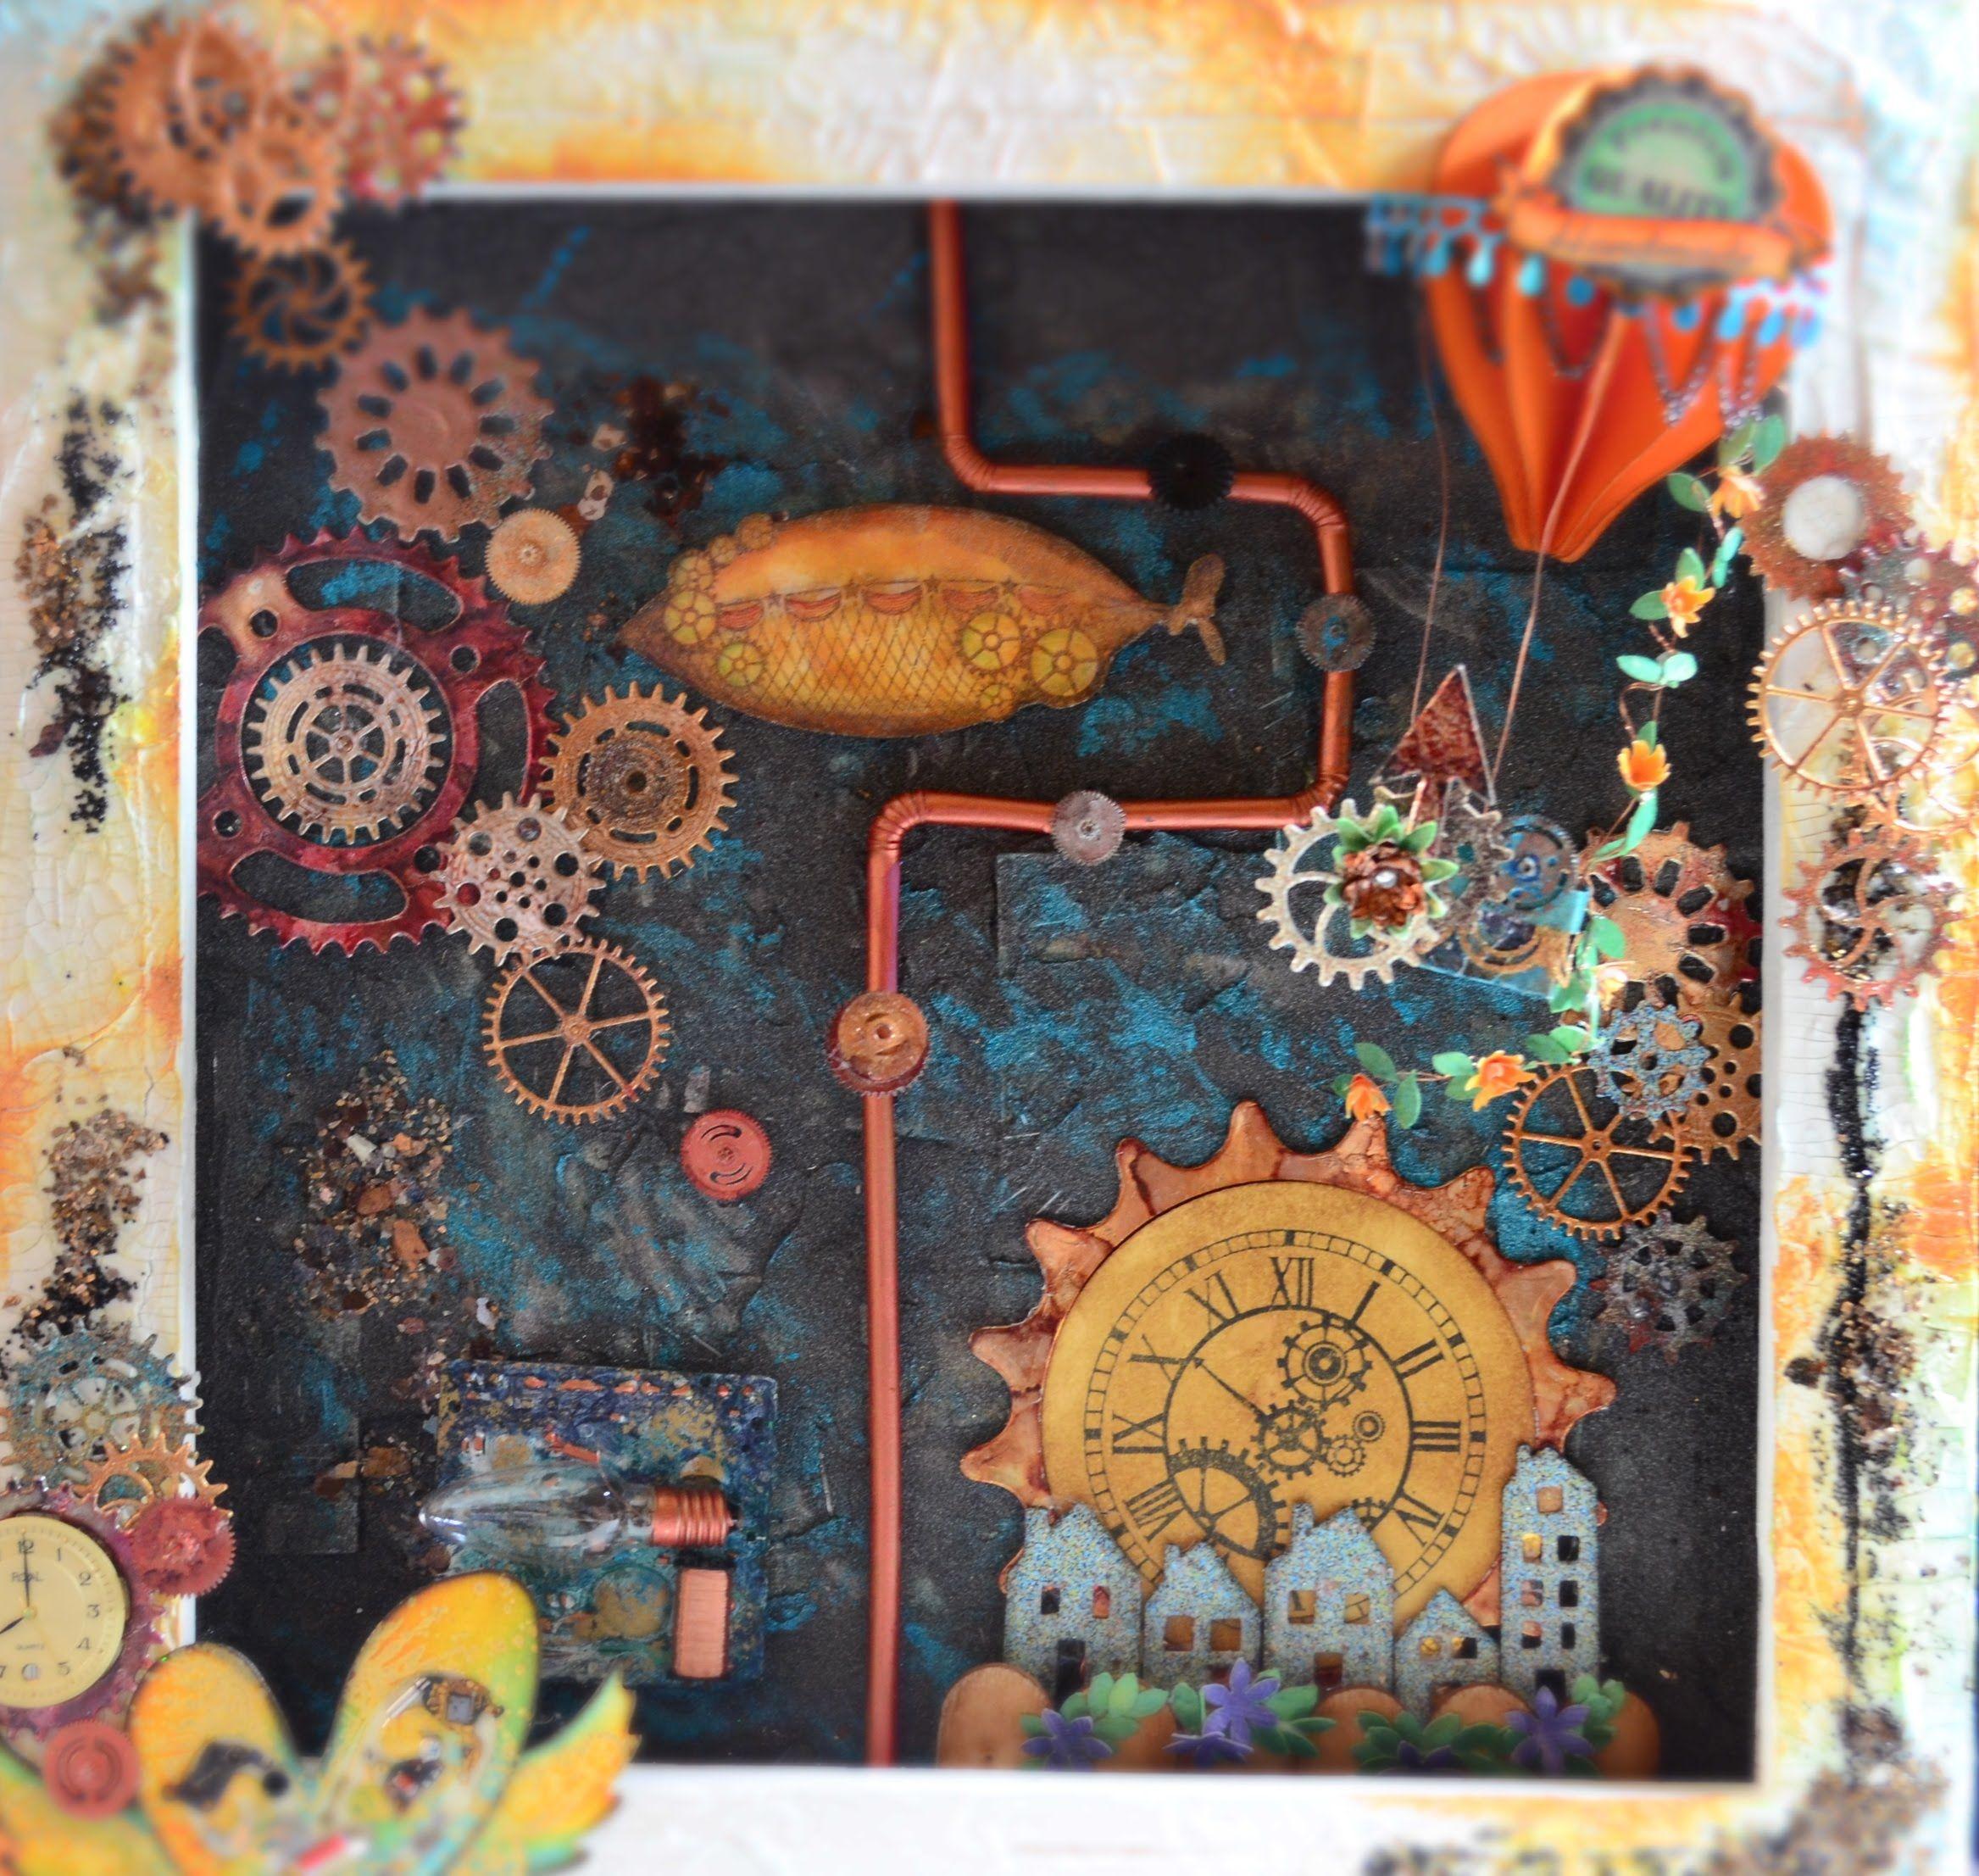 Wunderbar Collage Basteln Referenz Von Mixed Media Im Steampunk-stil[basteln Mit Papier,deutsch]